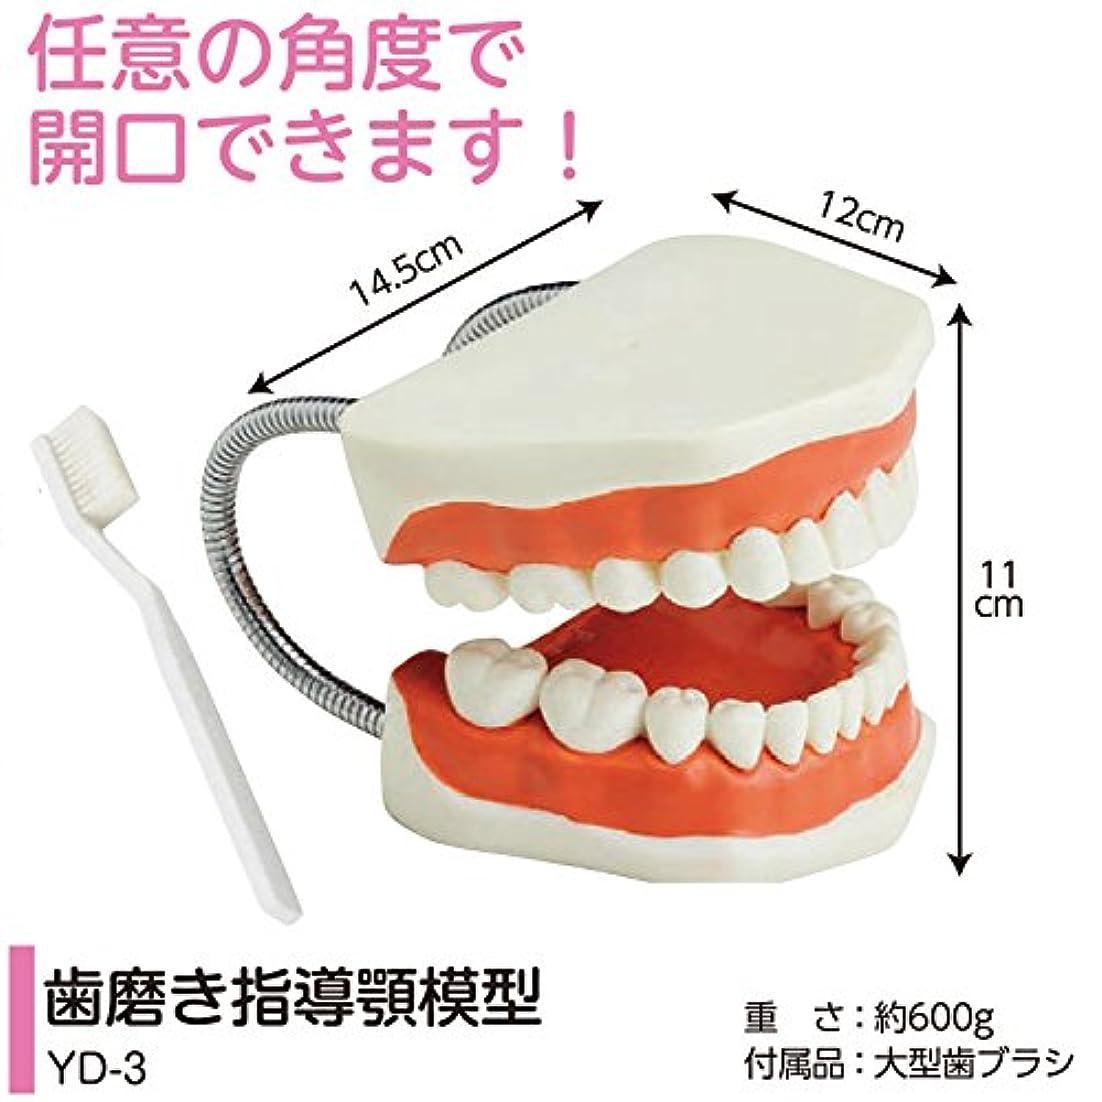 講堂電気技師構成歯磨き指導用 顎模型 YD-3(歯ブラシ付) 軽くて持ちやすい歯みがき指導顎模型